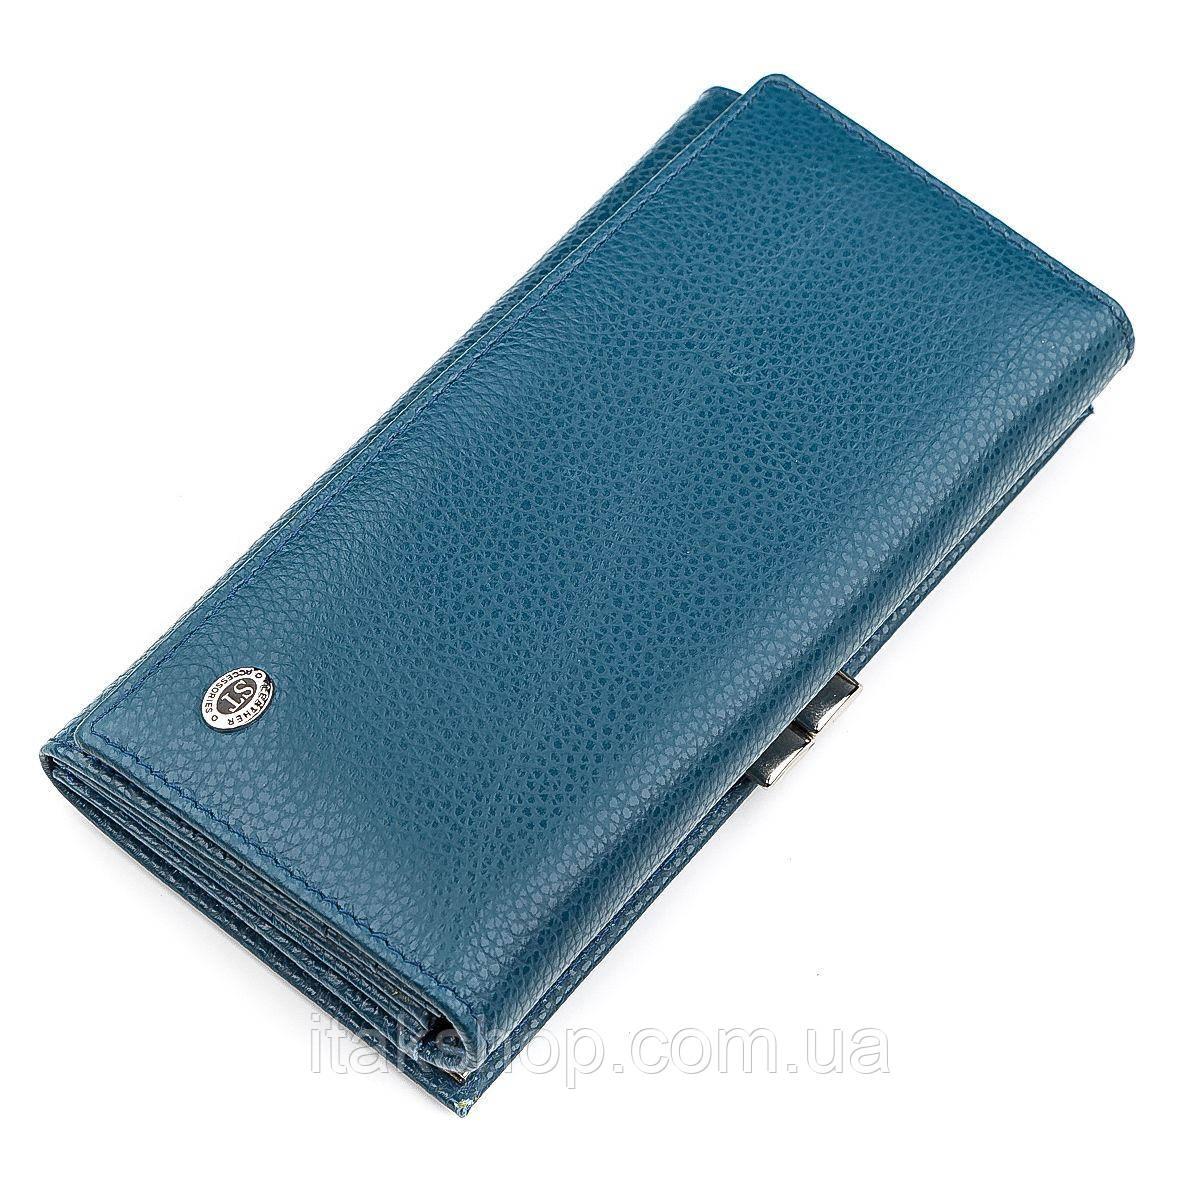 Кошелек женский ST Leather 18402 (ST1518) яркий Голубой, Голубой